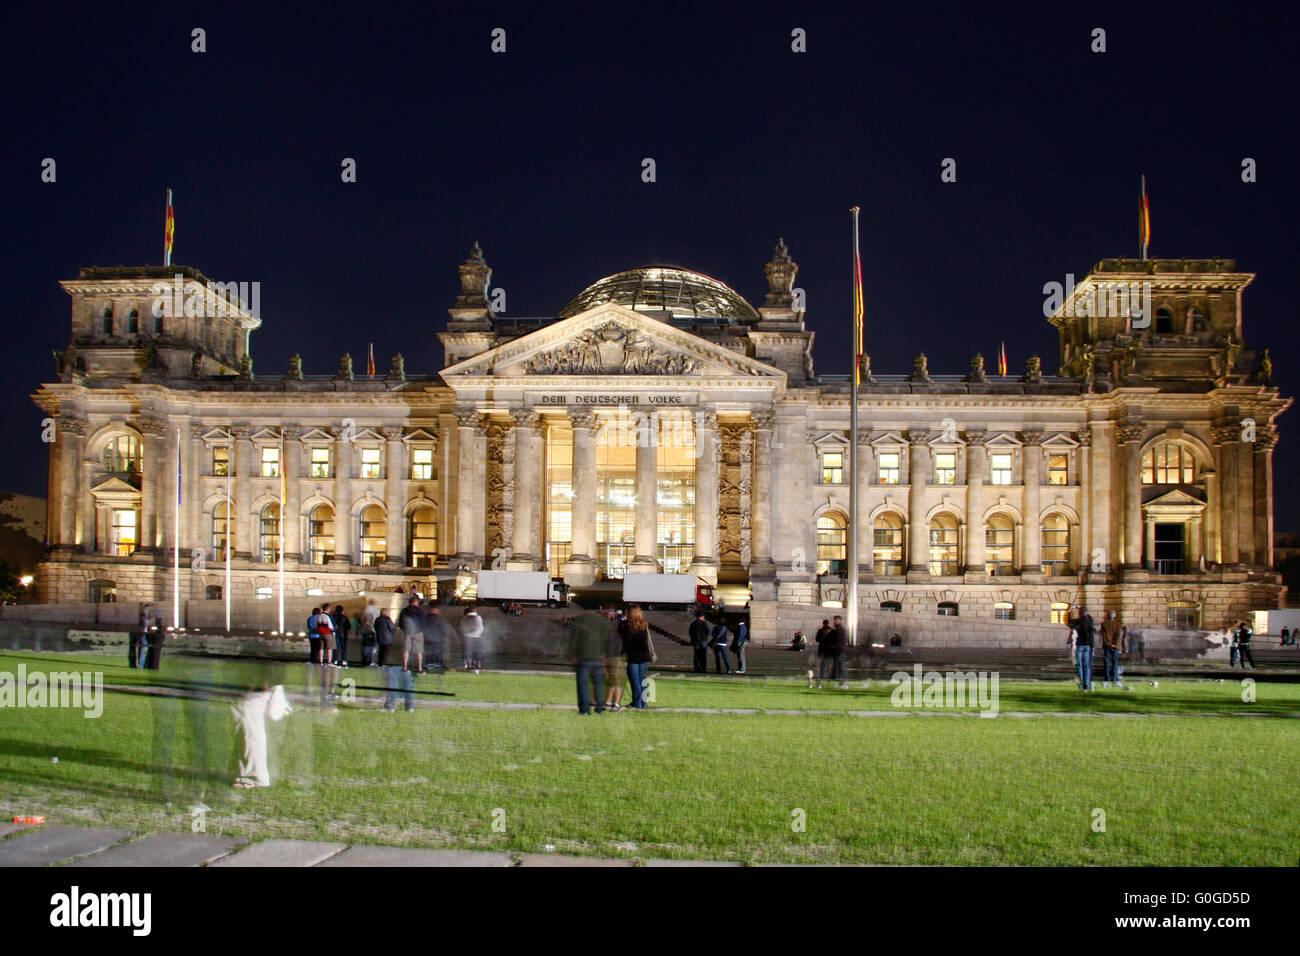 Reichstagsgebaeude, Abendstimmung, Berlin-Tiergarten. - Stock Image